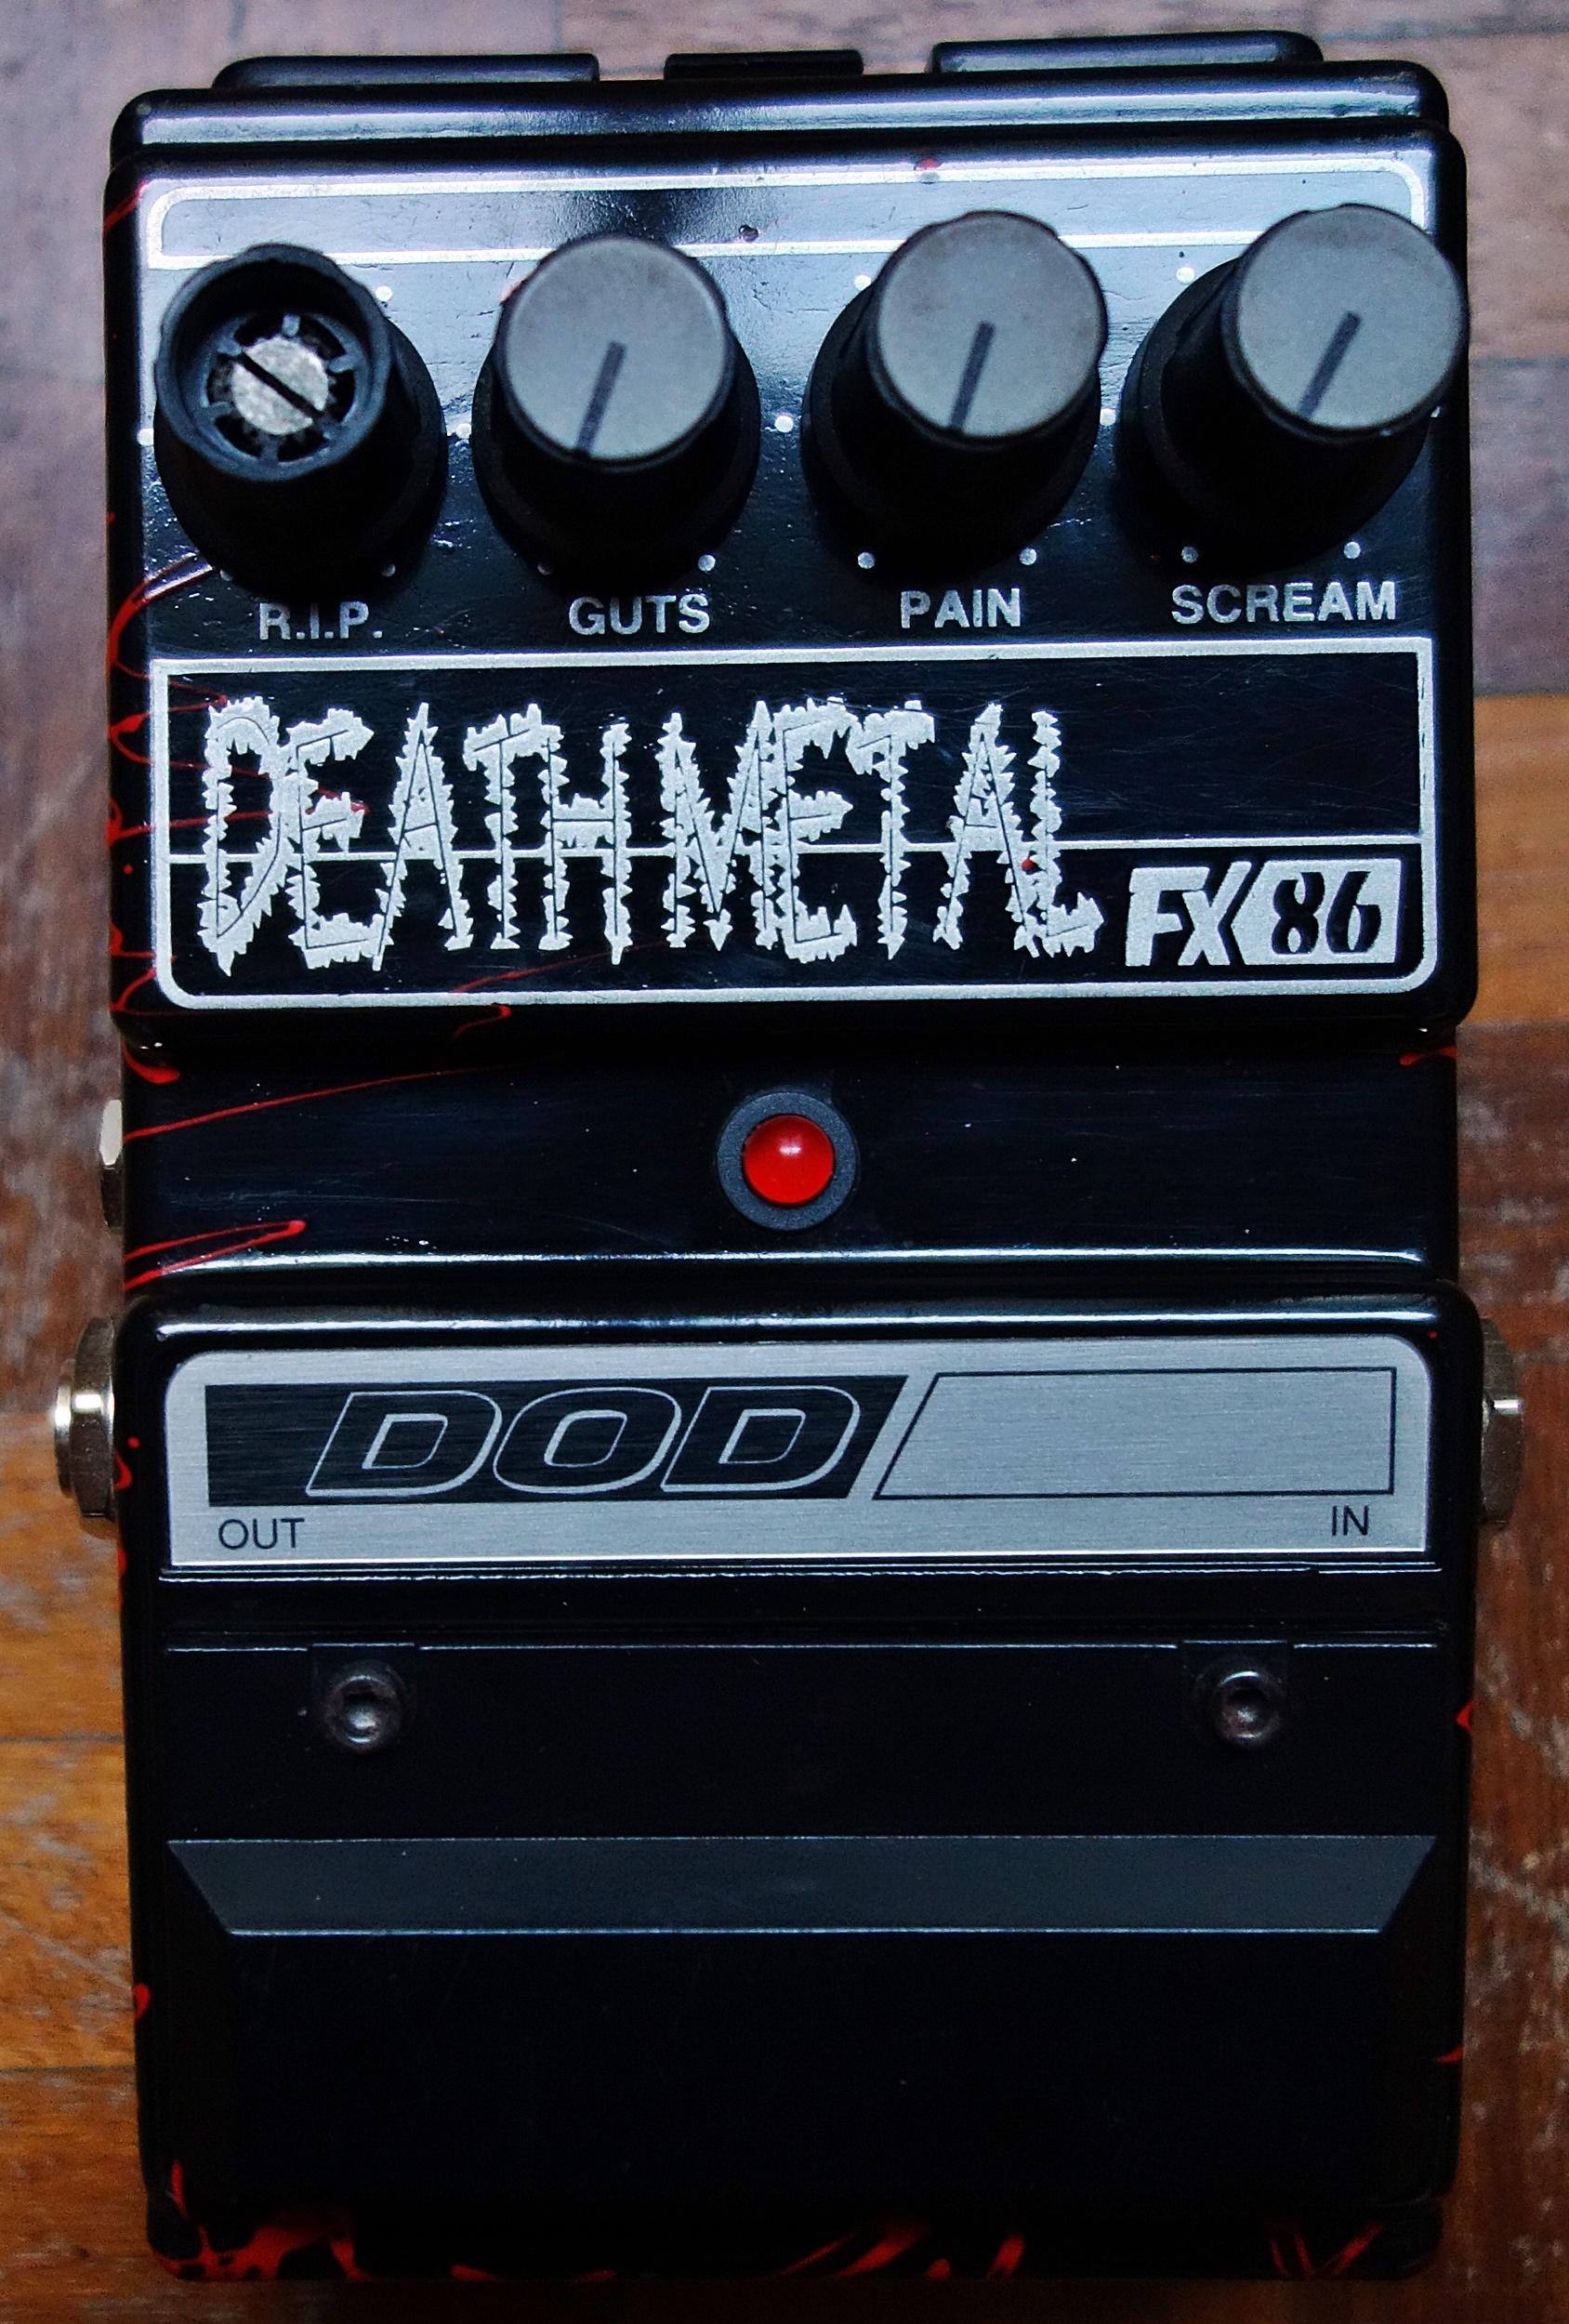 fx86 death metal dod fx86 death metal audiofanzine. Black Bedroom Furniture Sets. Home Design Ideas